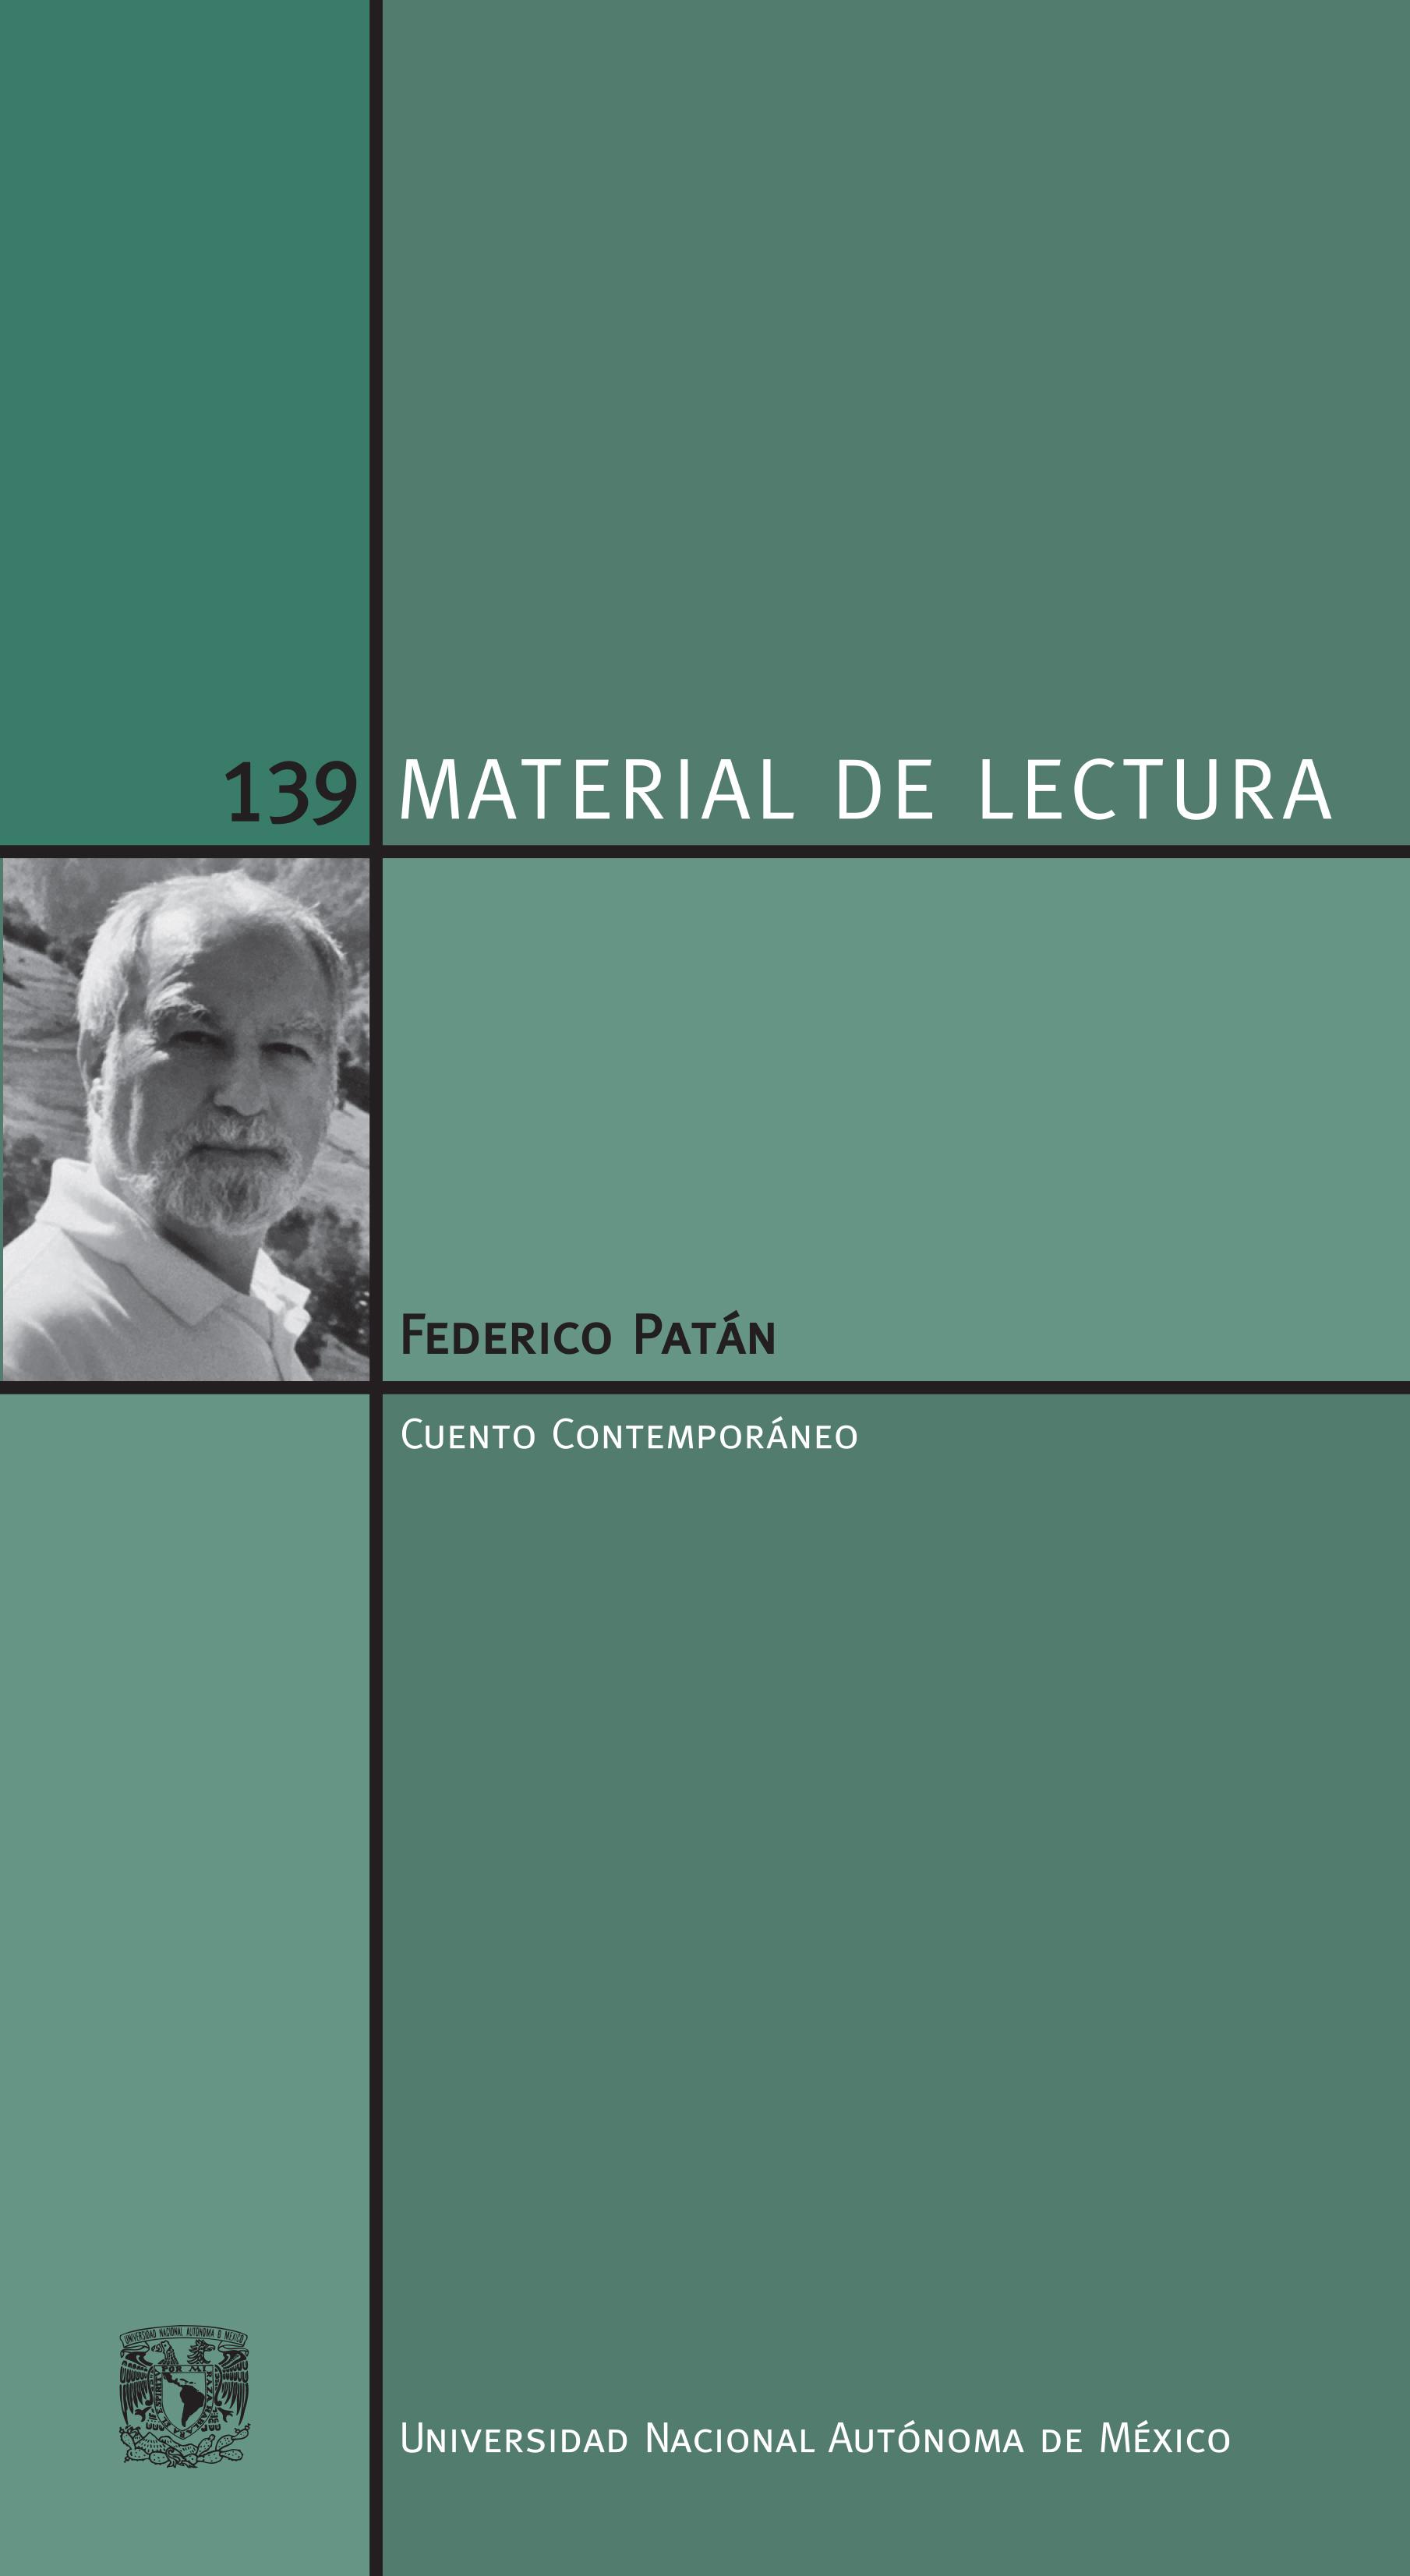 Federico Patán. Material de Lectura